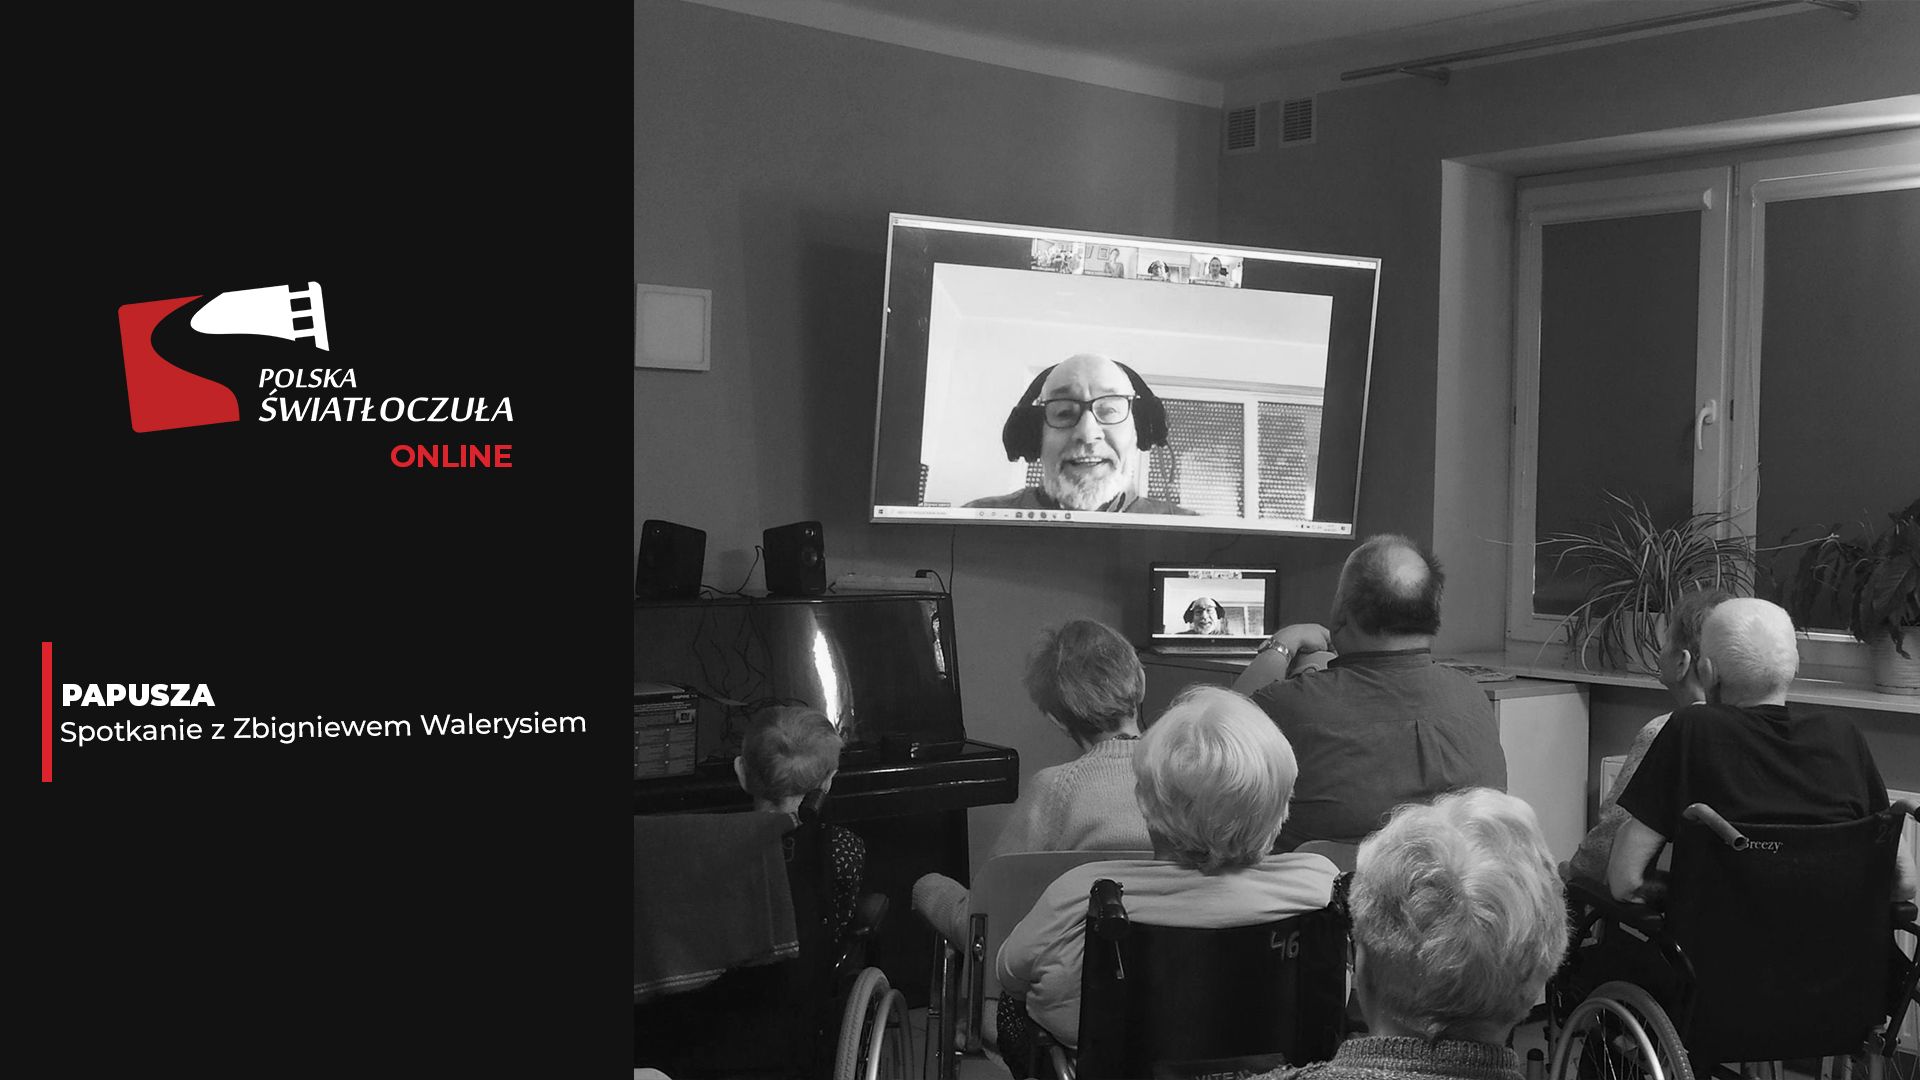 Po spotkaniu papusza Zbigniew Waleryś